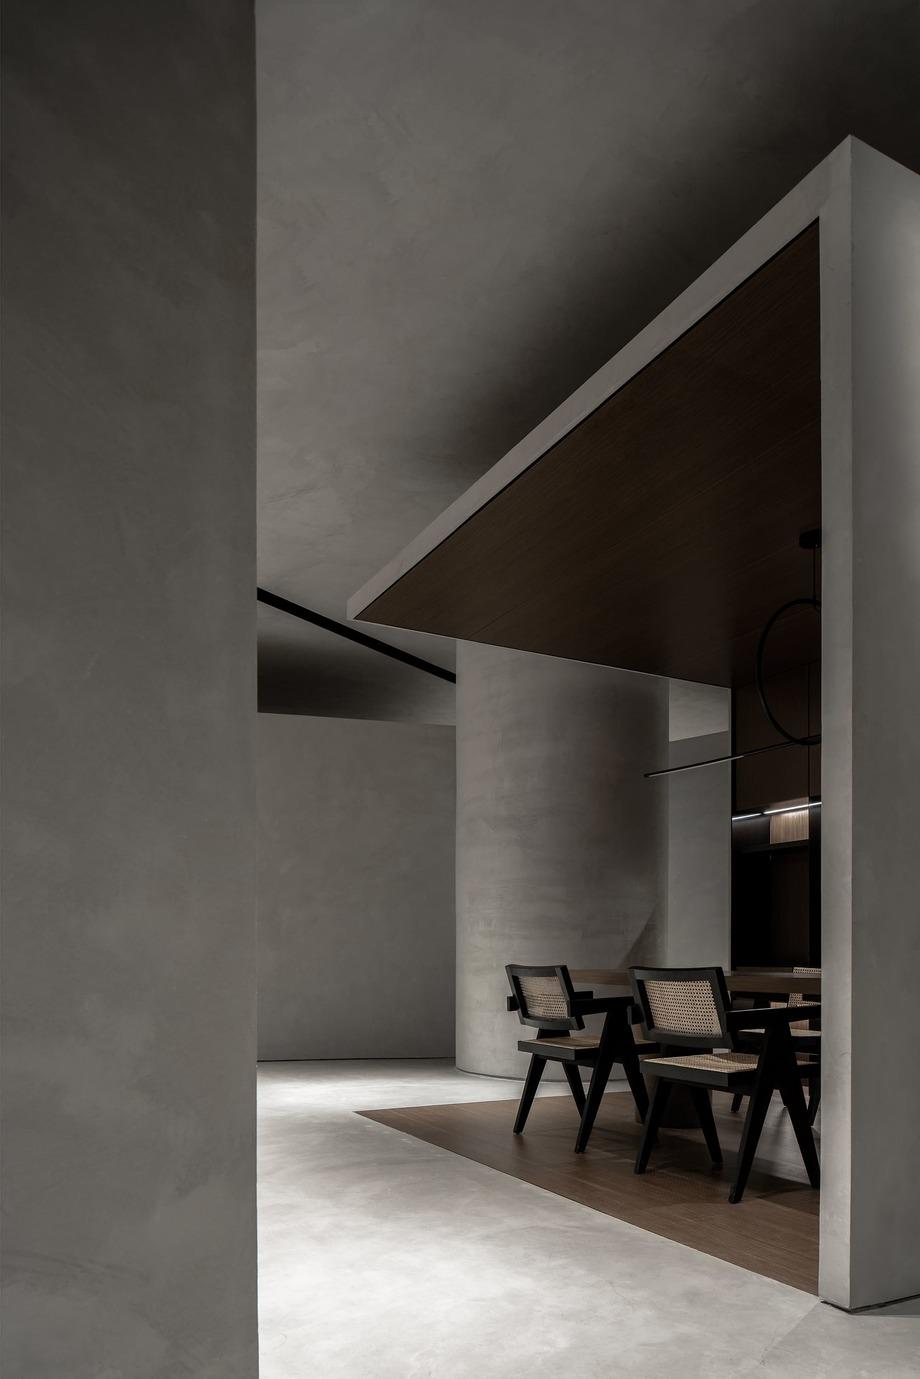 showroom de jst architecture (27) - foto he chuan